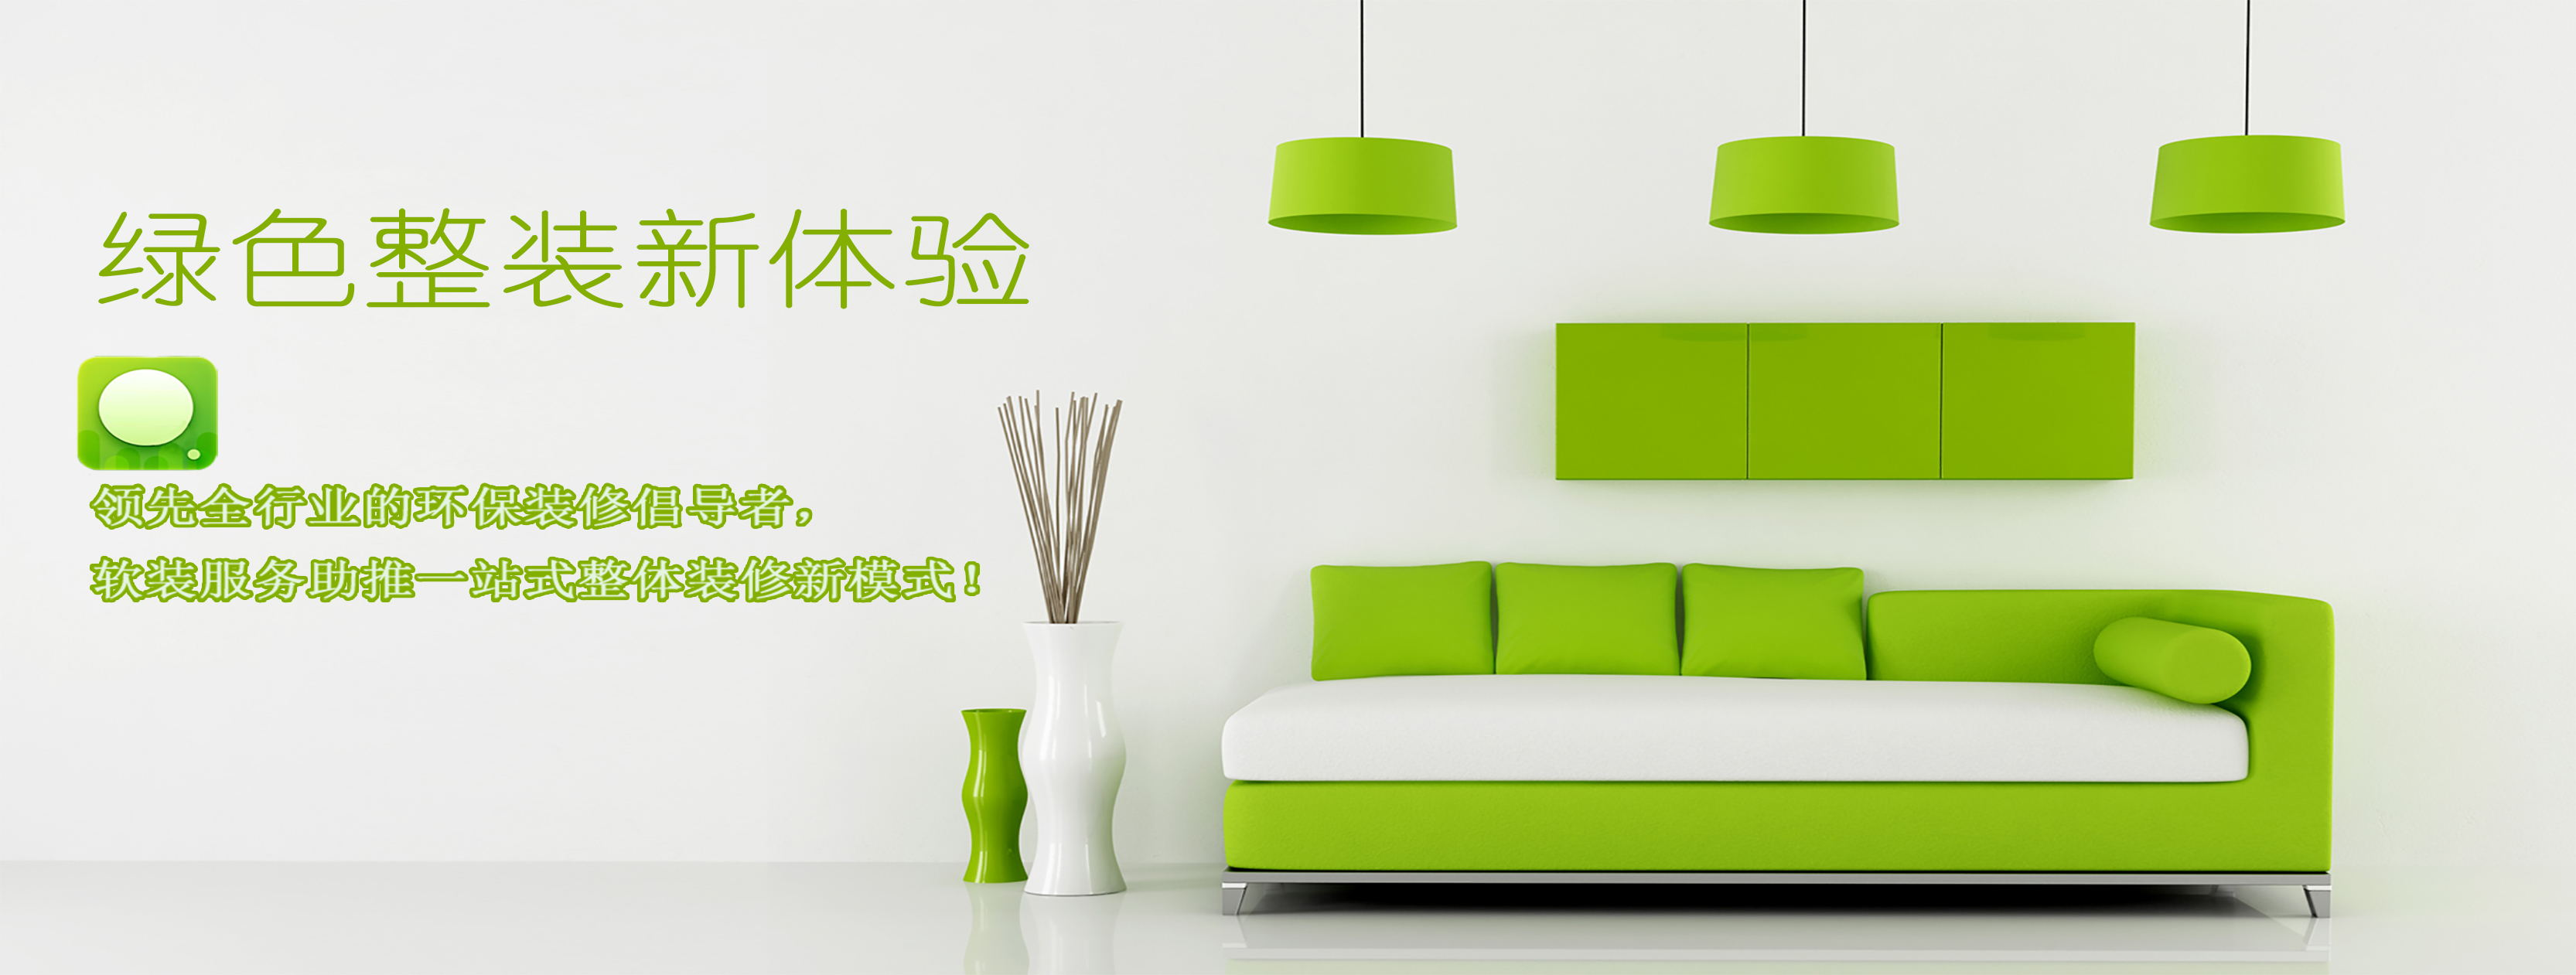 绿色整装新体验